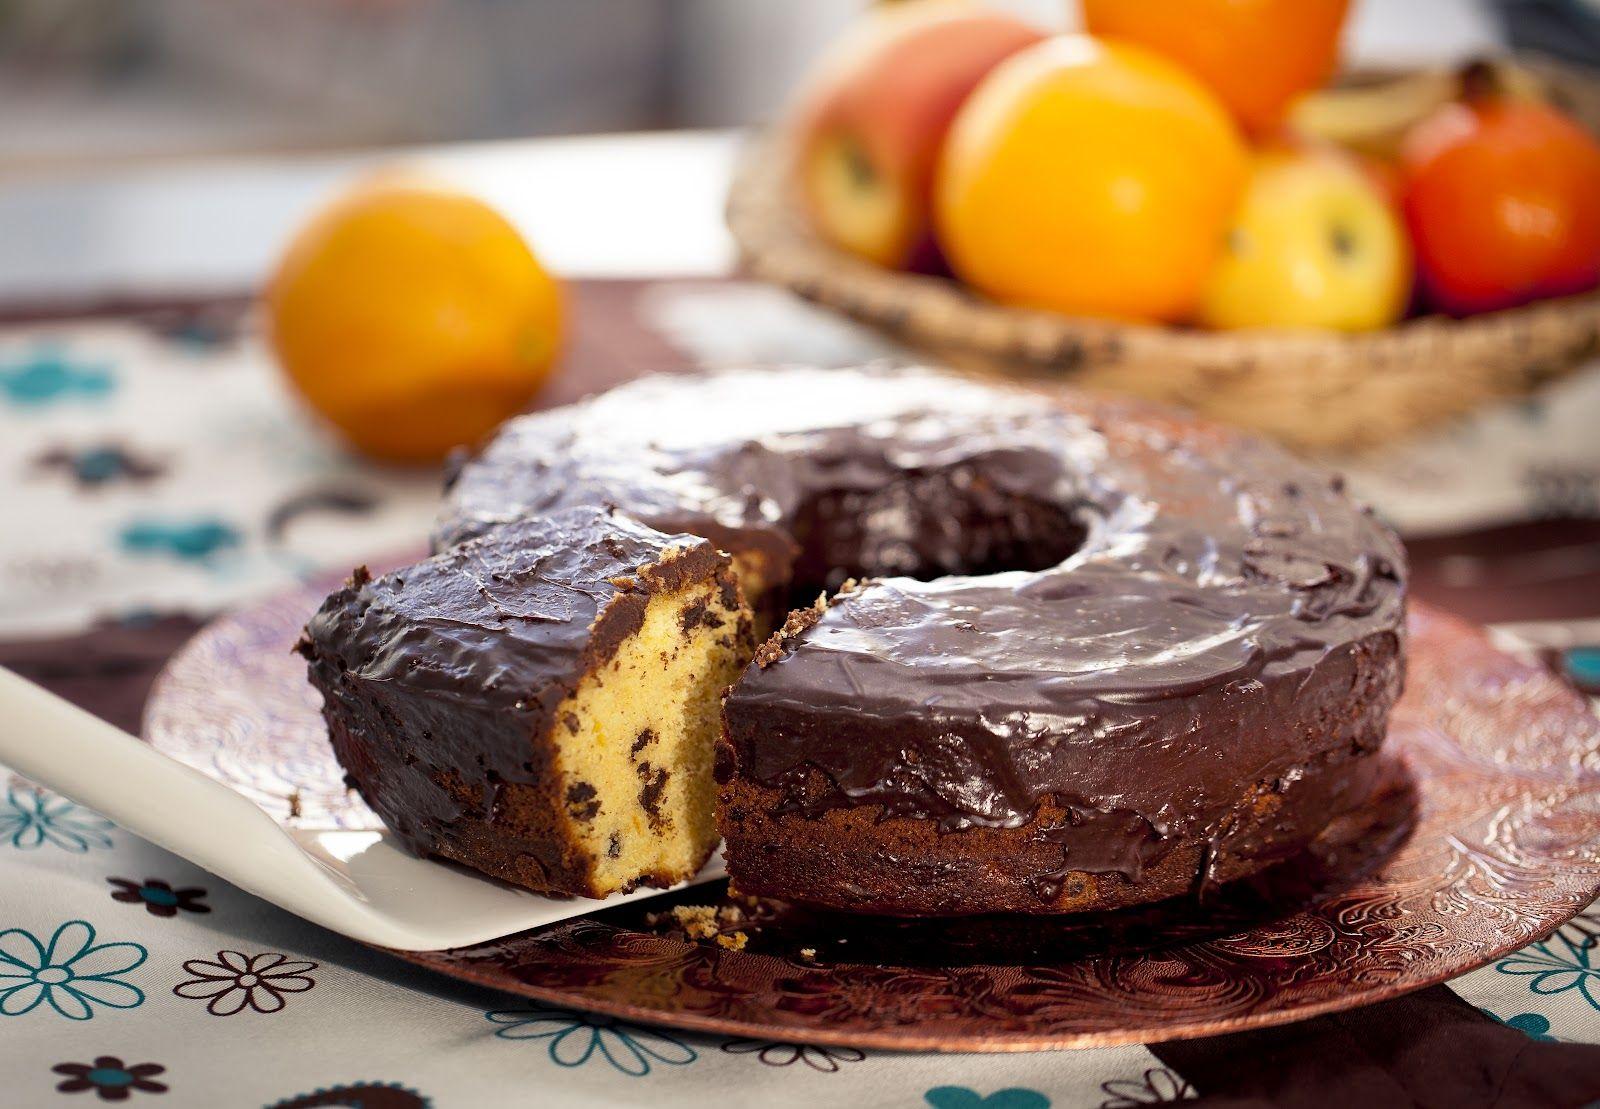 Si el bizcocho de naranja está bueno por si solo, imaginaos como estará añadiendole unas pepitas de chocolate y una cobertura de más chocol...